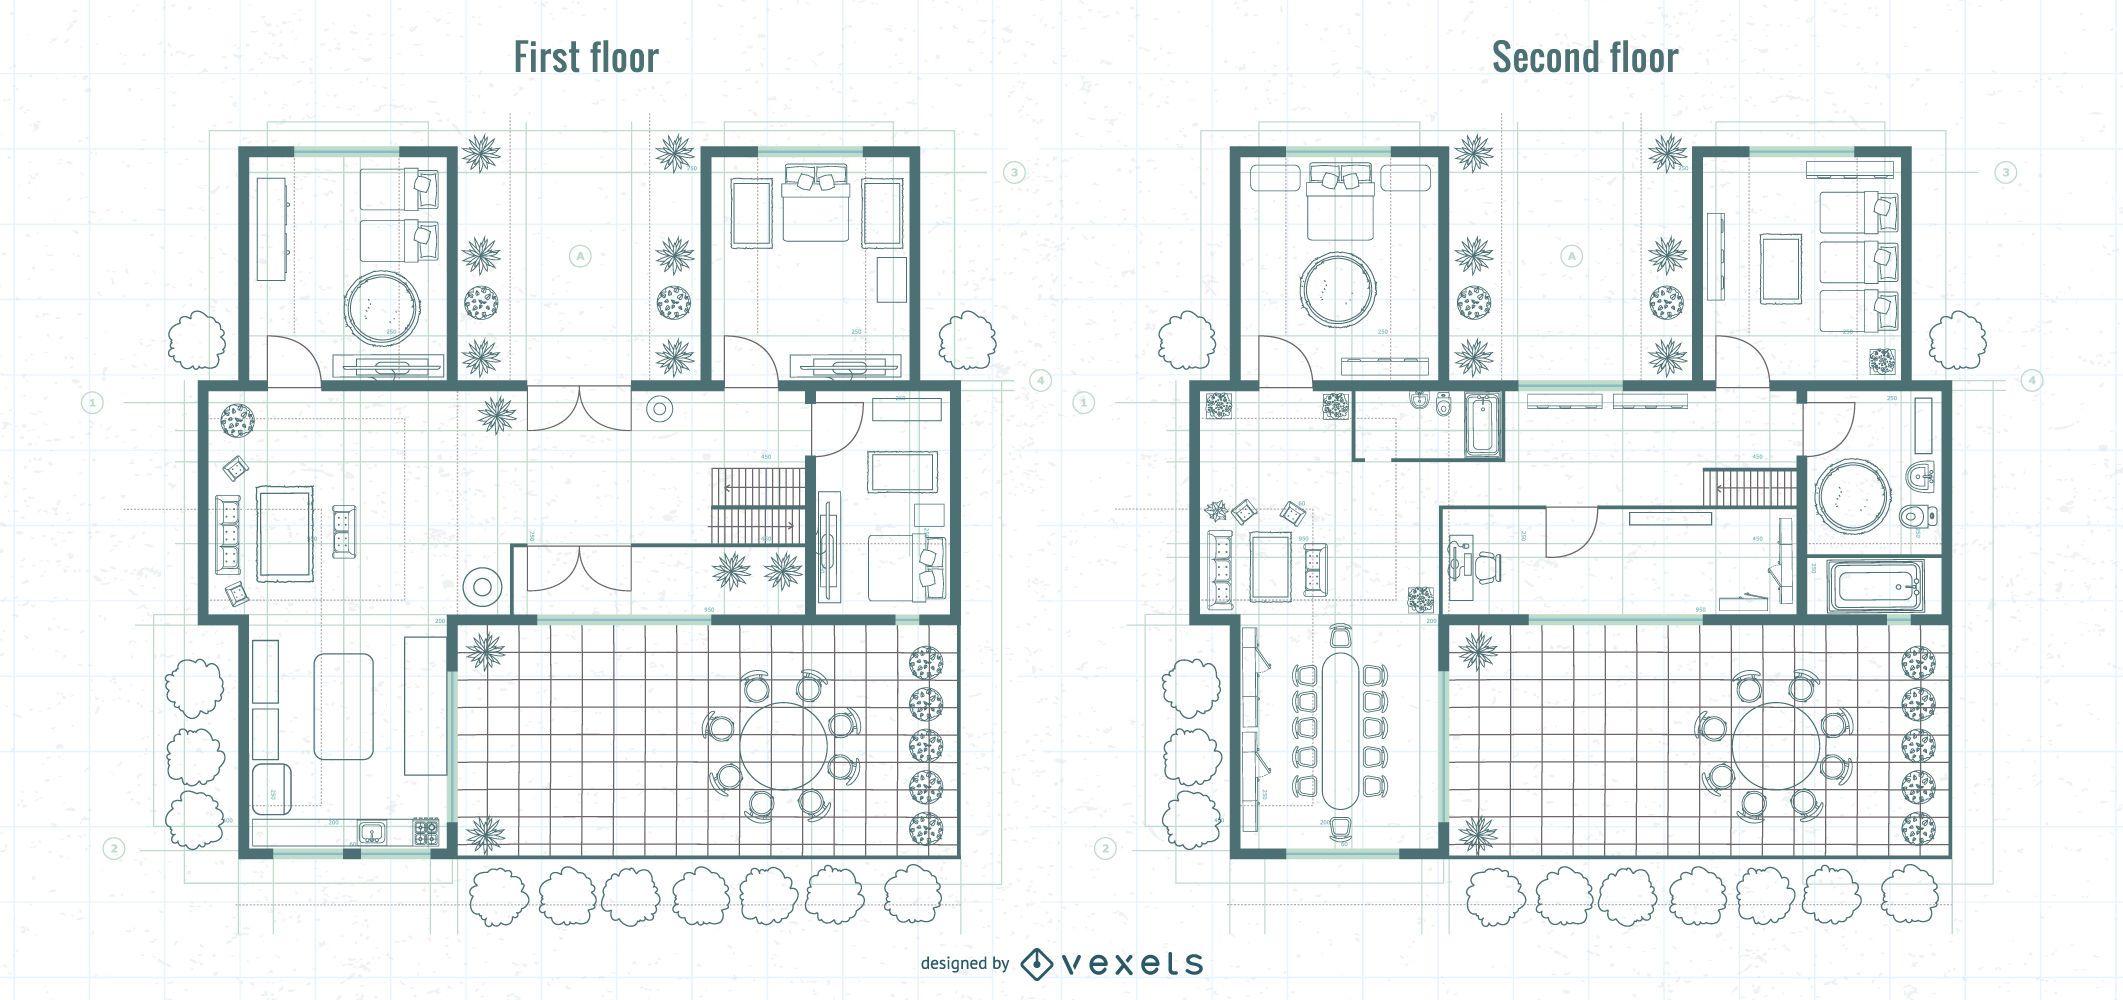 Projeto de planta do primeiro andar de arquitetura e andar superior